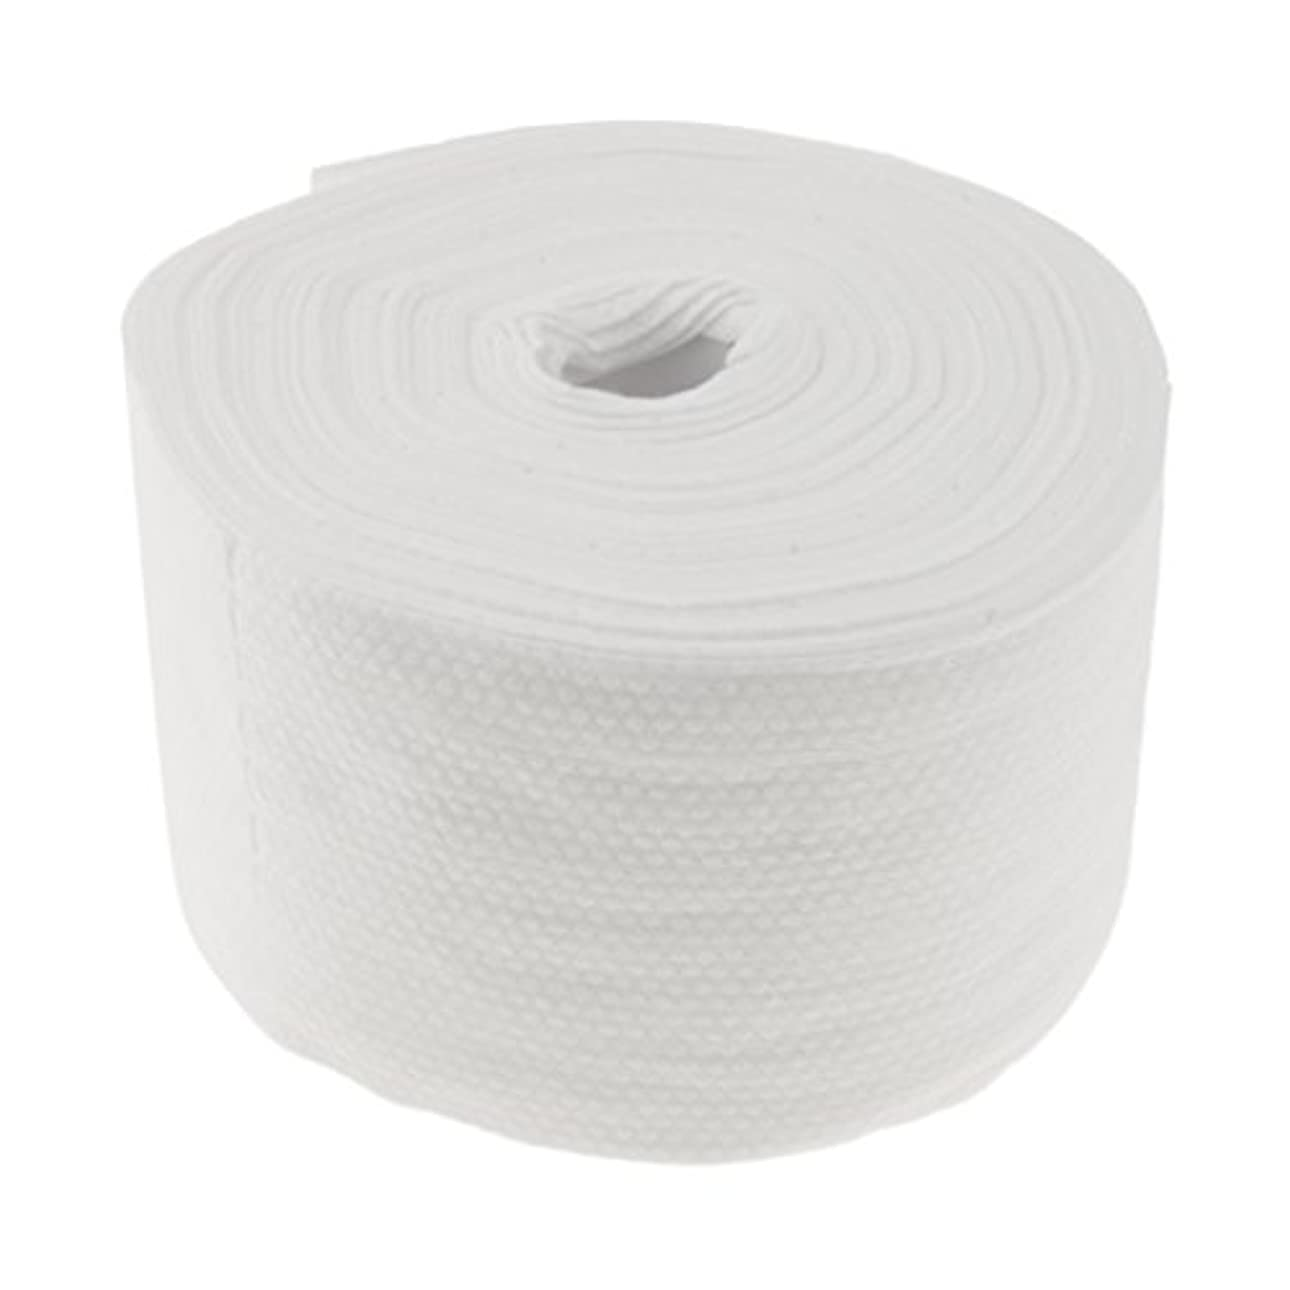 Perfk 使い捨てタオル ロール式 洗顔タオル 30M コットン 快適 便利 家庭用 サロン 2タイプ選べる - #2